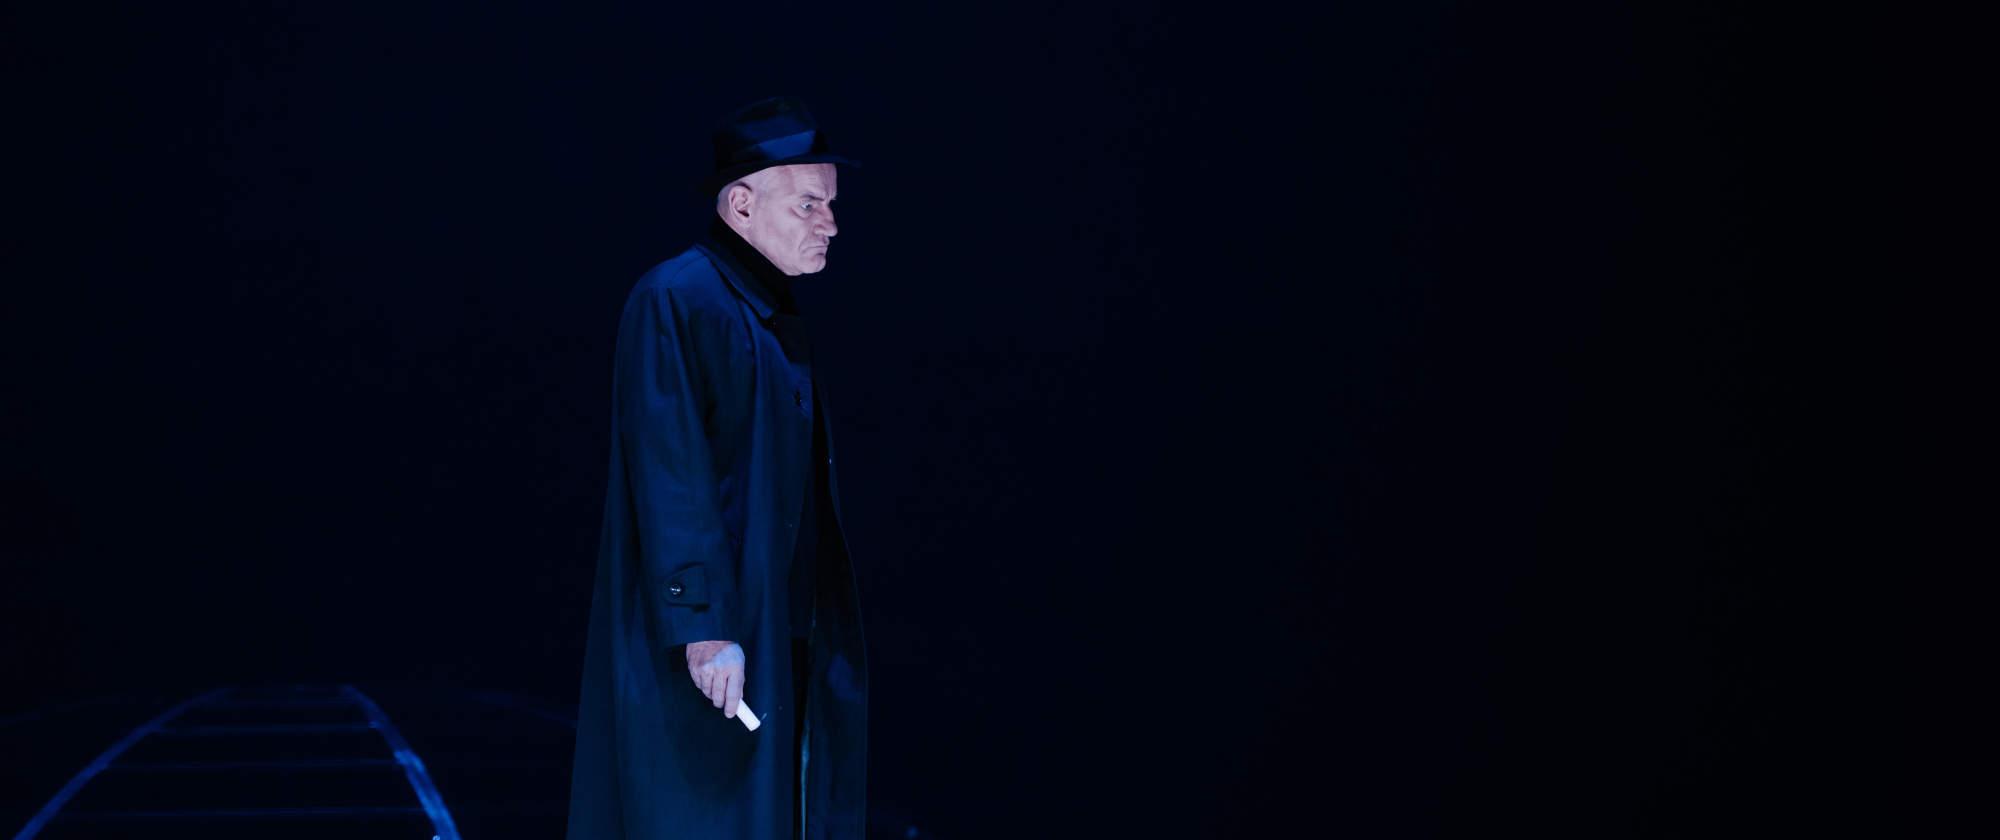 19.11.19, Heilbronn: Probe zum Schauspiel »Faust. Der Tragödie erster Teil« von Johann Wolfgang von Goethe am Theater Heilbronn. Foto: Candy Welz